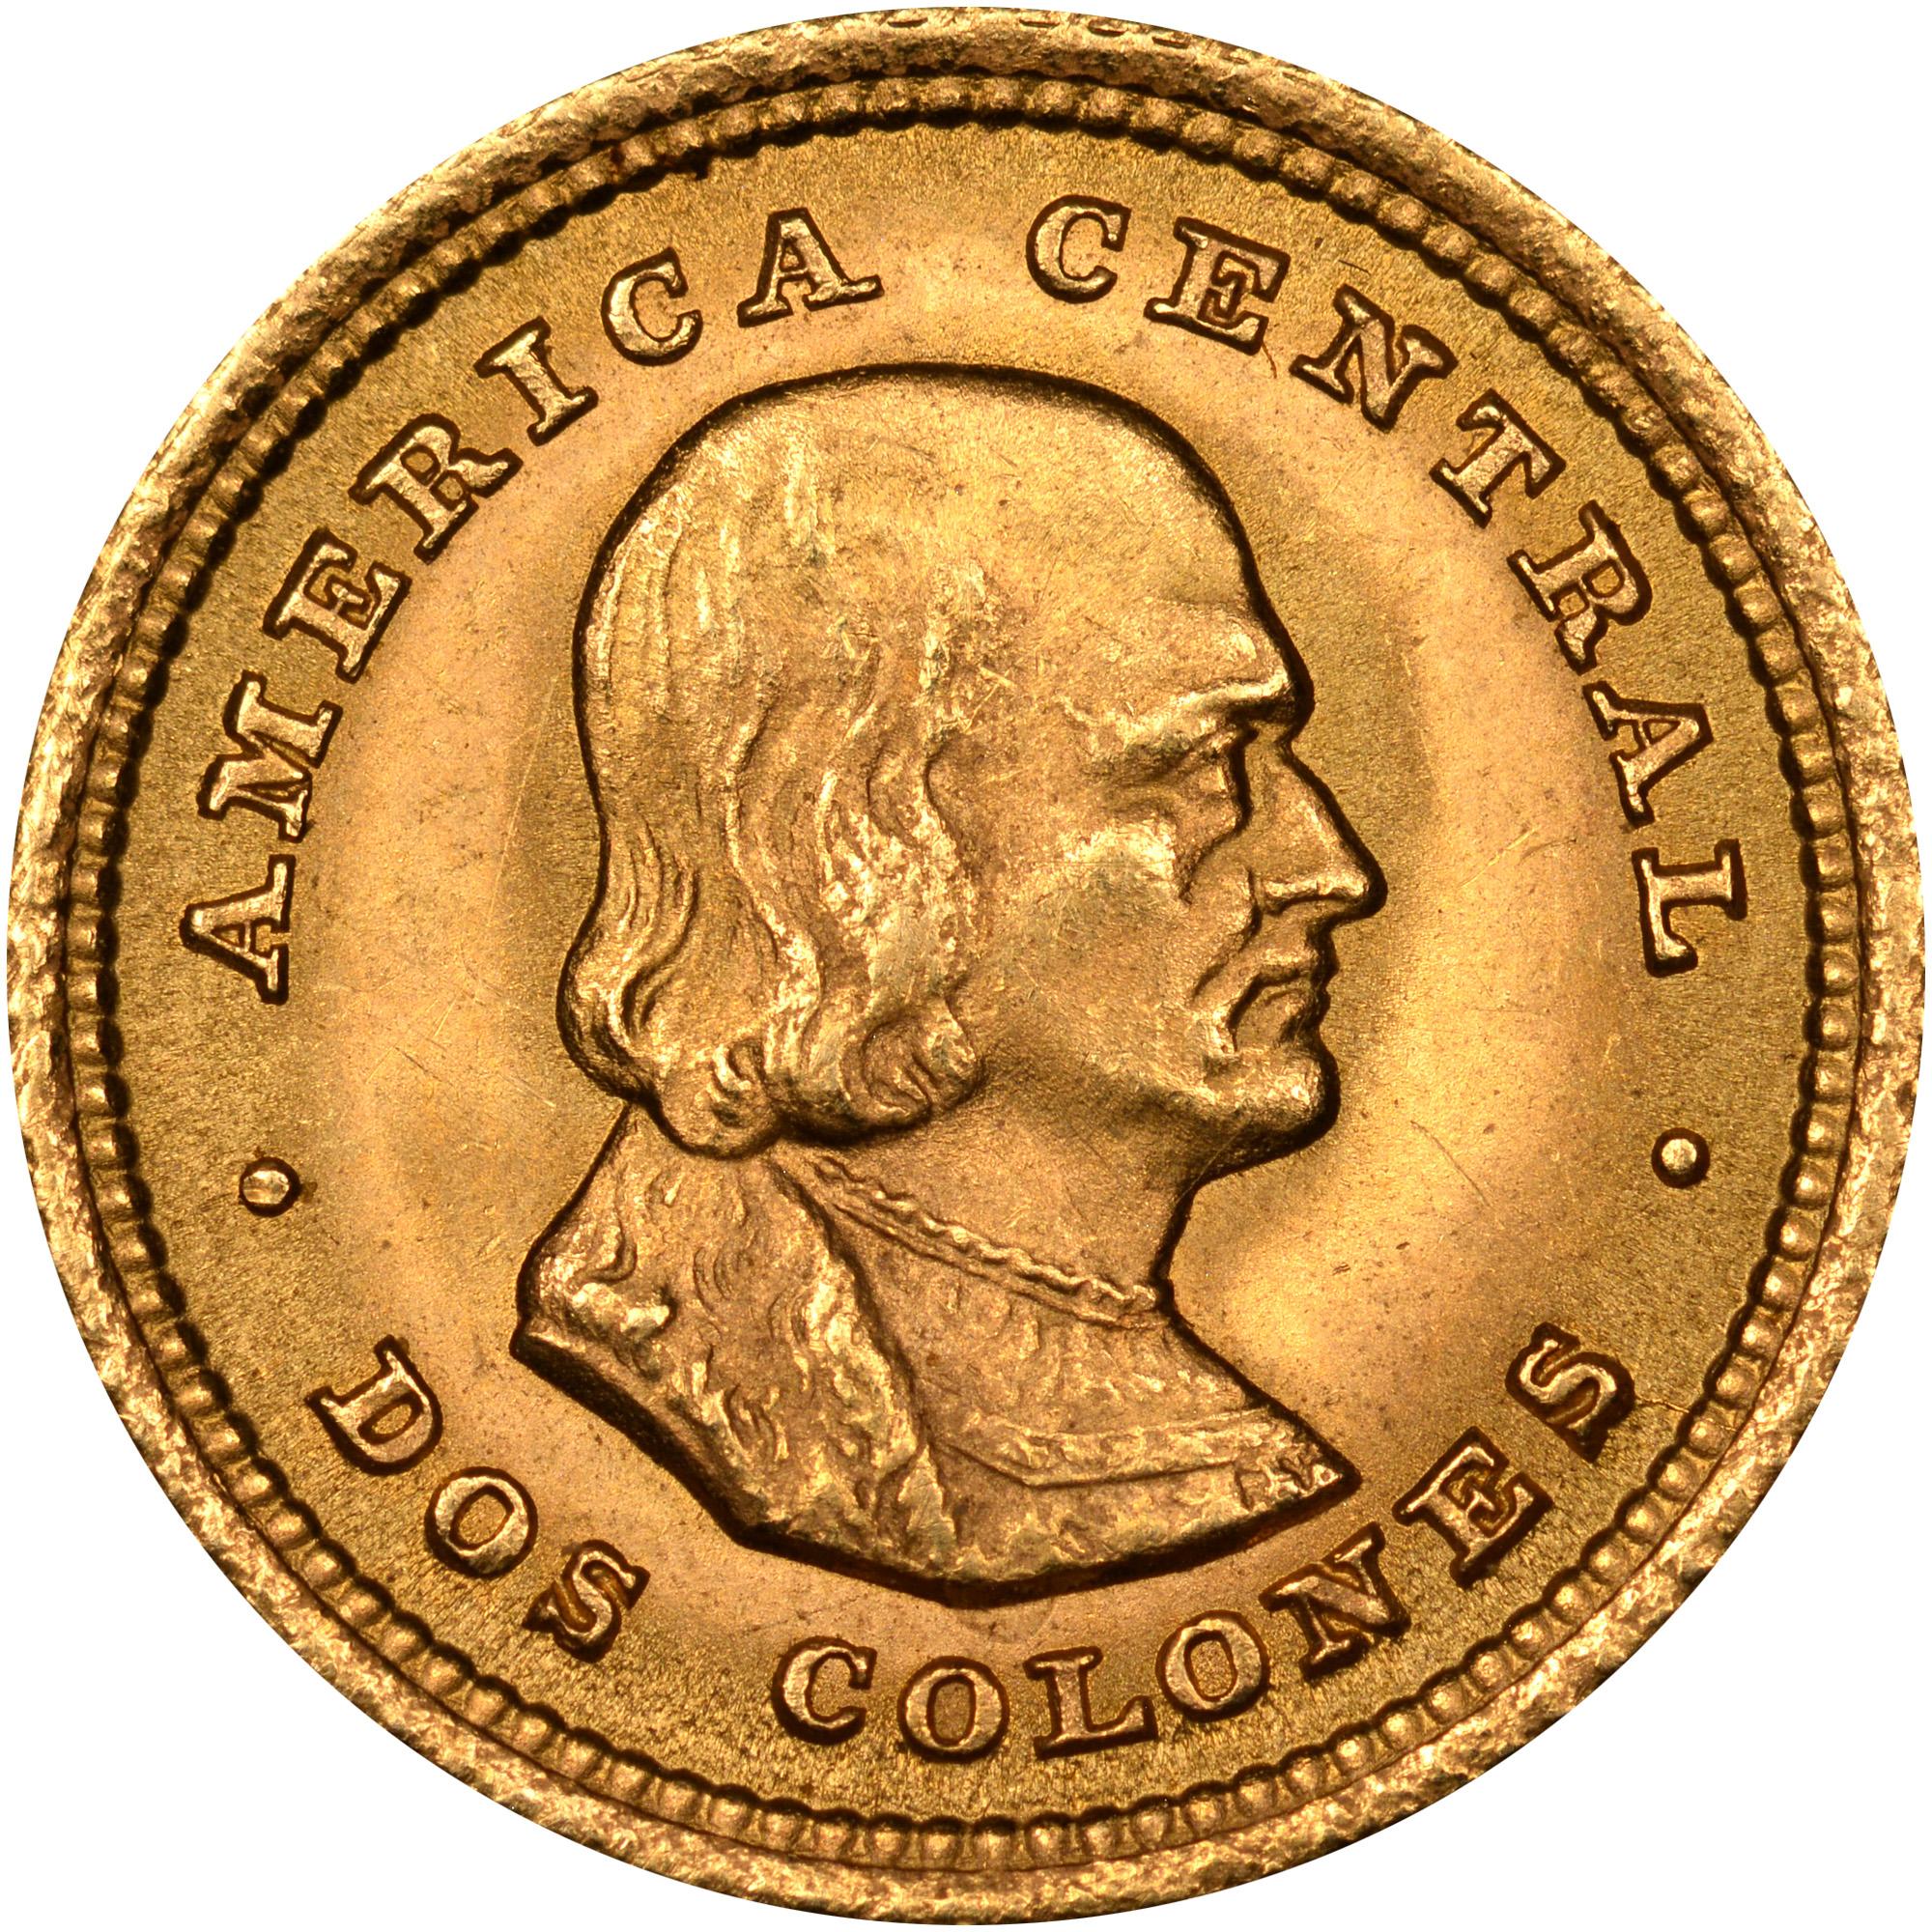 1897-1928 Costa Rica 2 Colones reverse